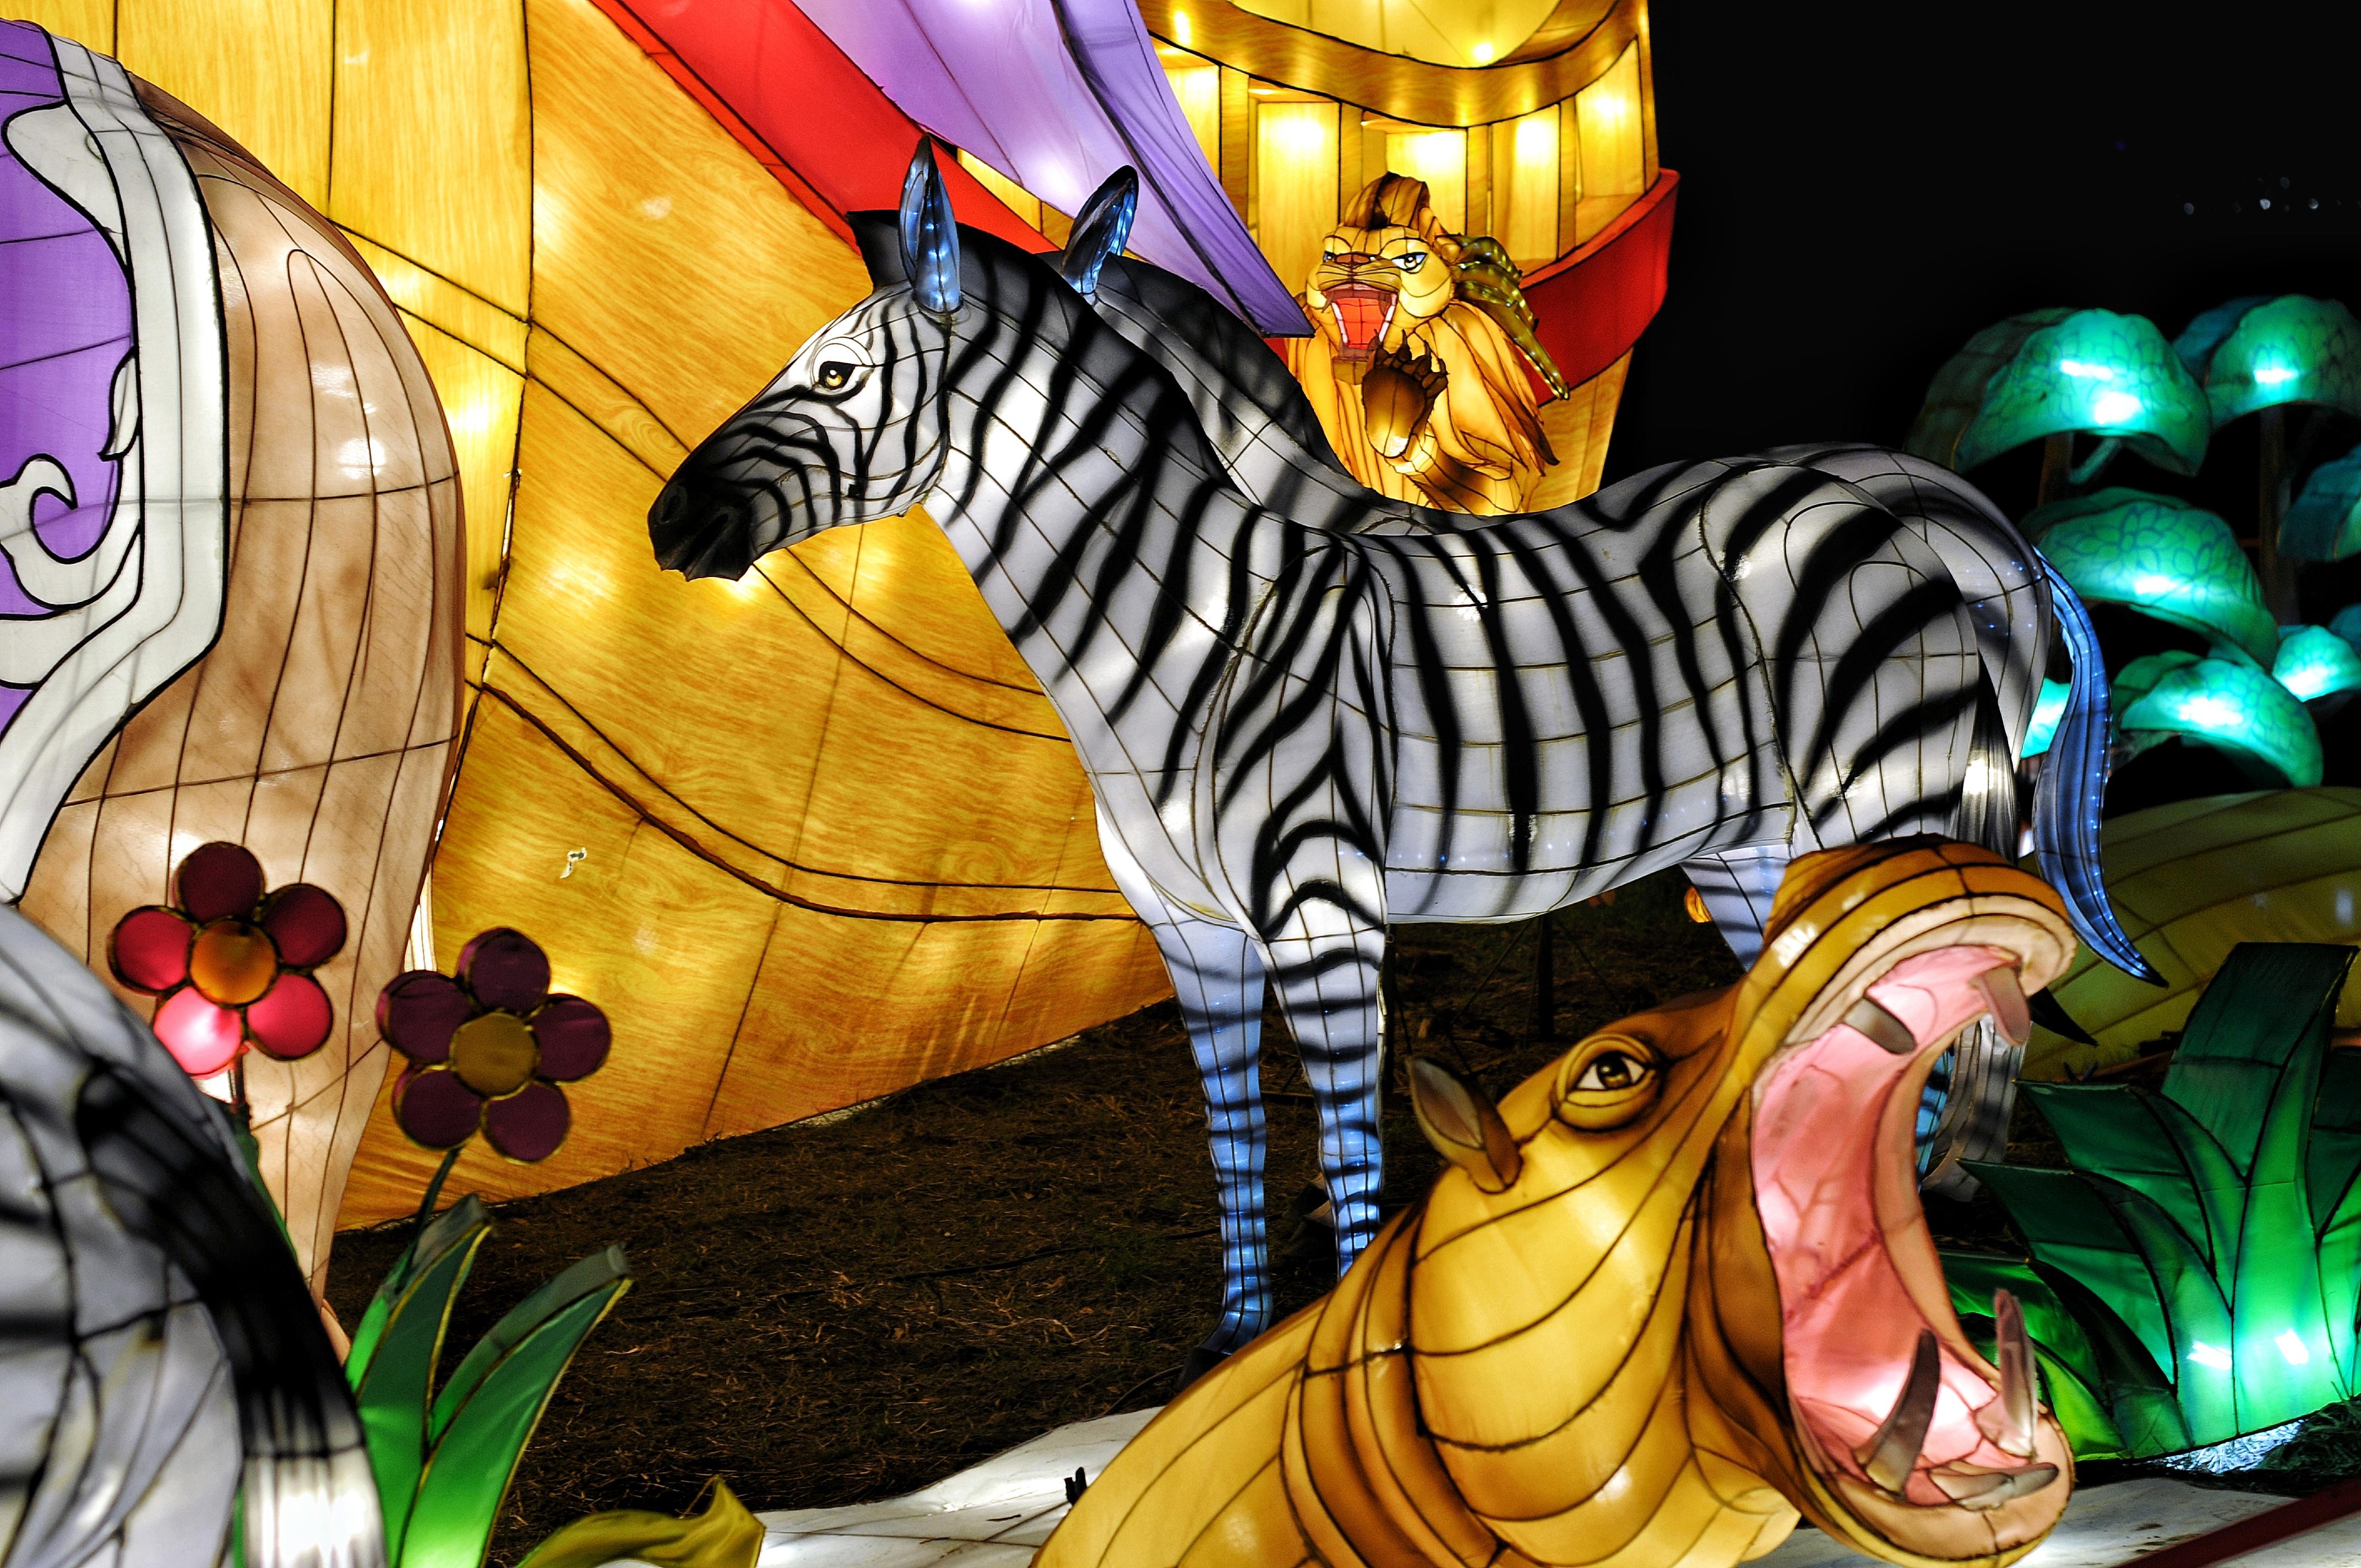 Огненное шоу, гигантский лев и китайские фонари: в Киеве создадут настоящий парк иллюминаций — фото 2